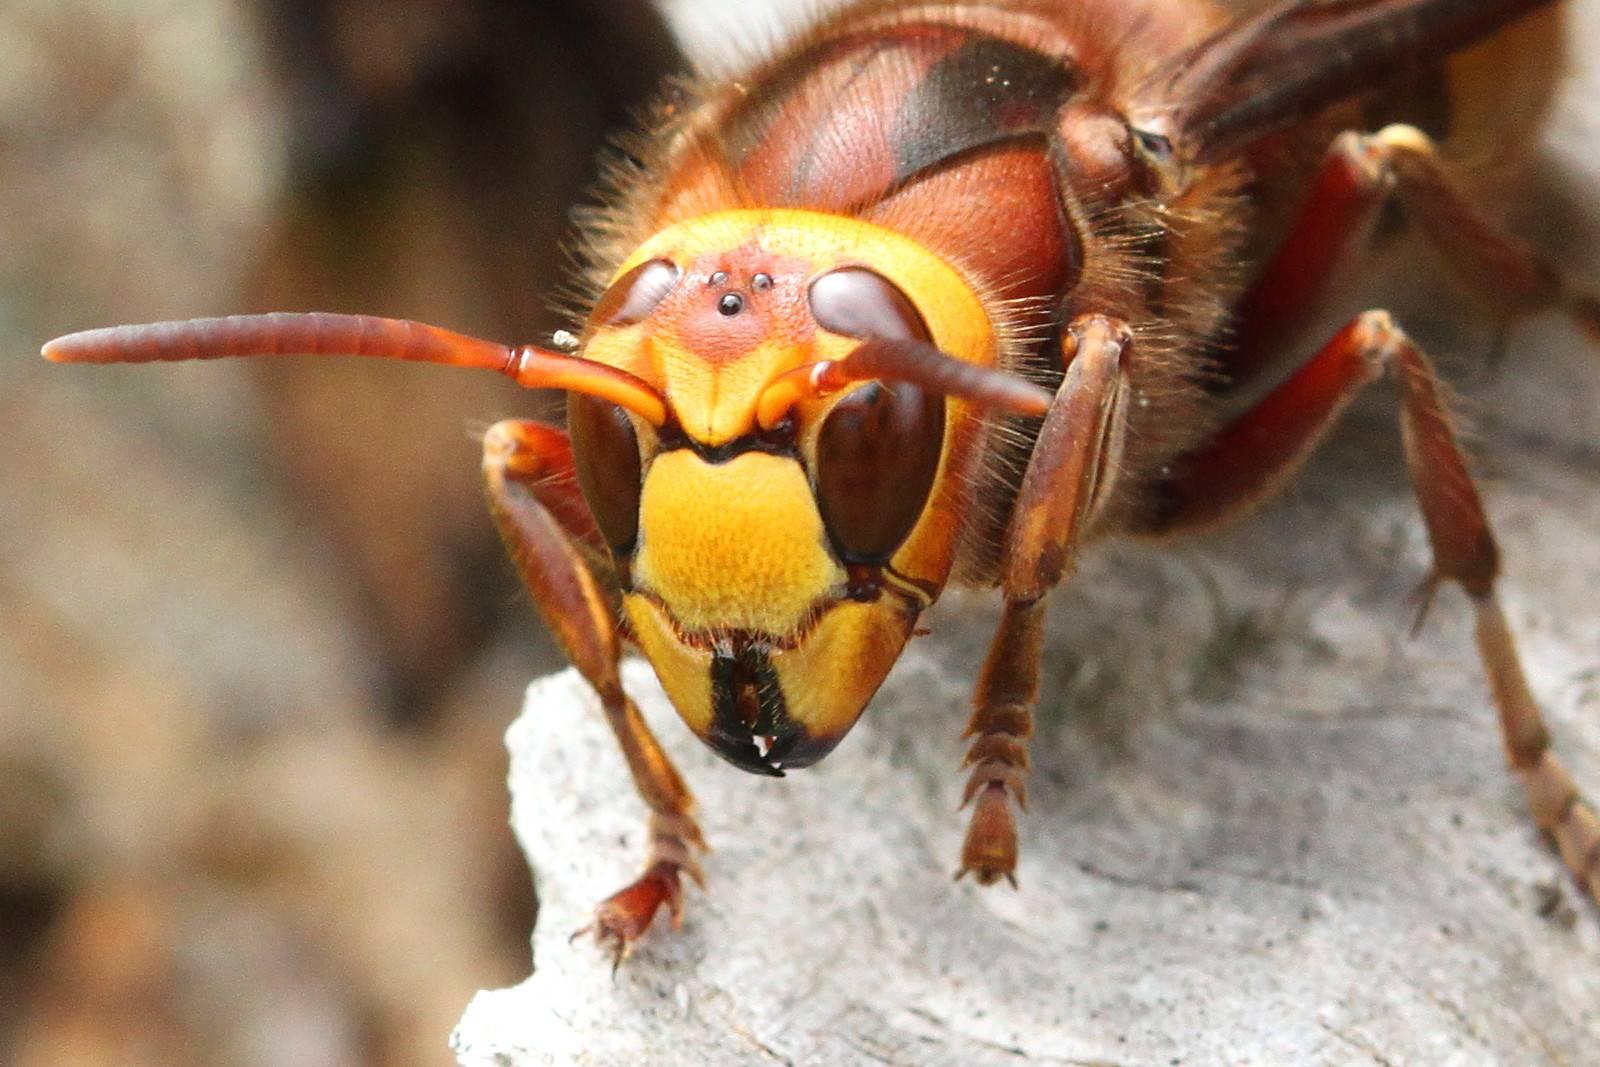 Укус осы, шмеля, шершня и его последствия, что делать, если укусили, первая помощь, фото